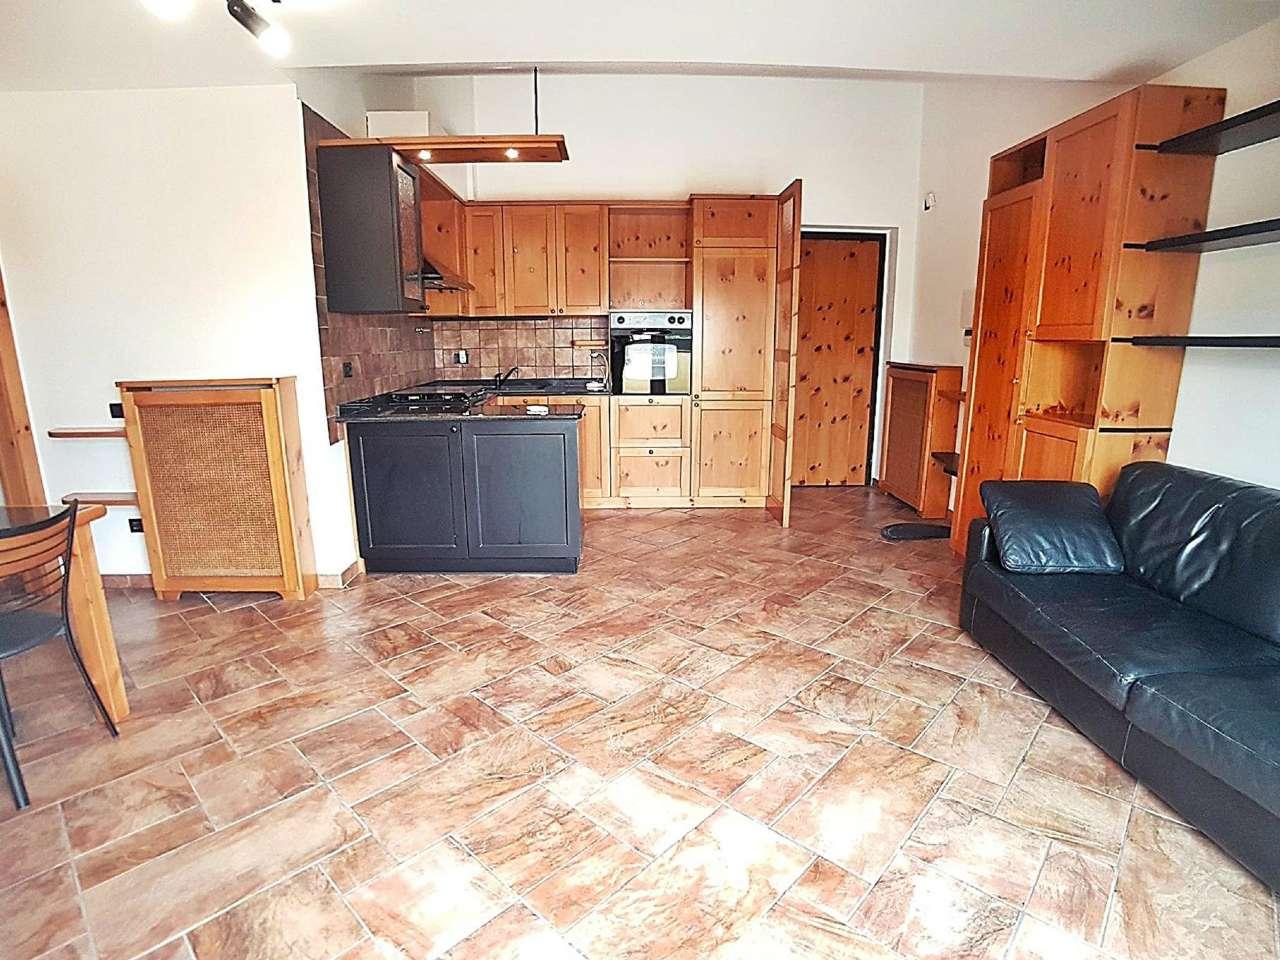 Appartamento in vendita a Saronno, 2 locali, prezzo € 150.000 | CambioCasa.it